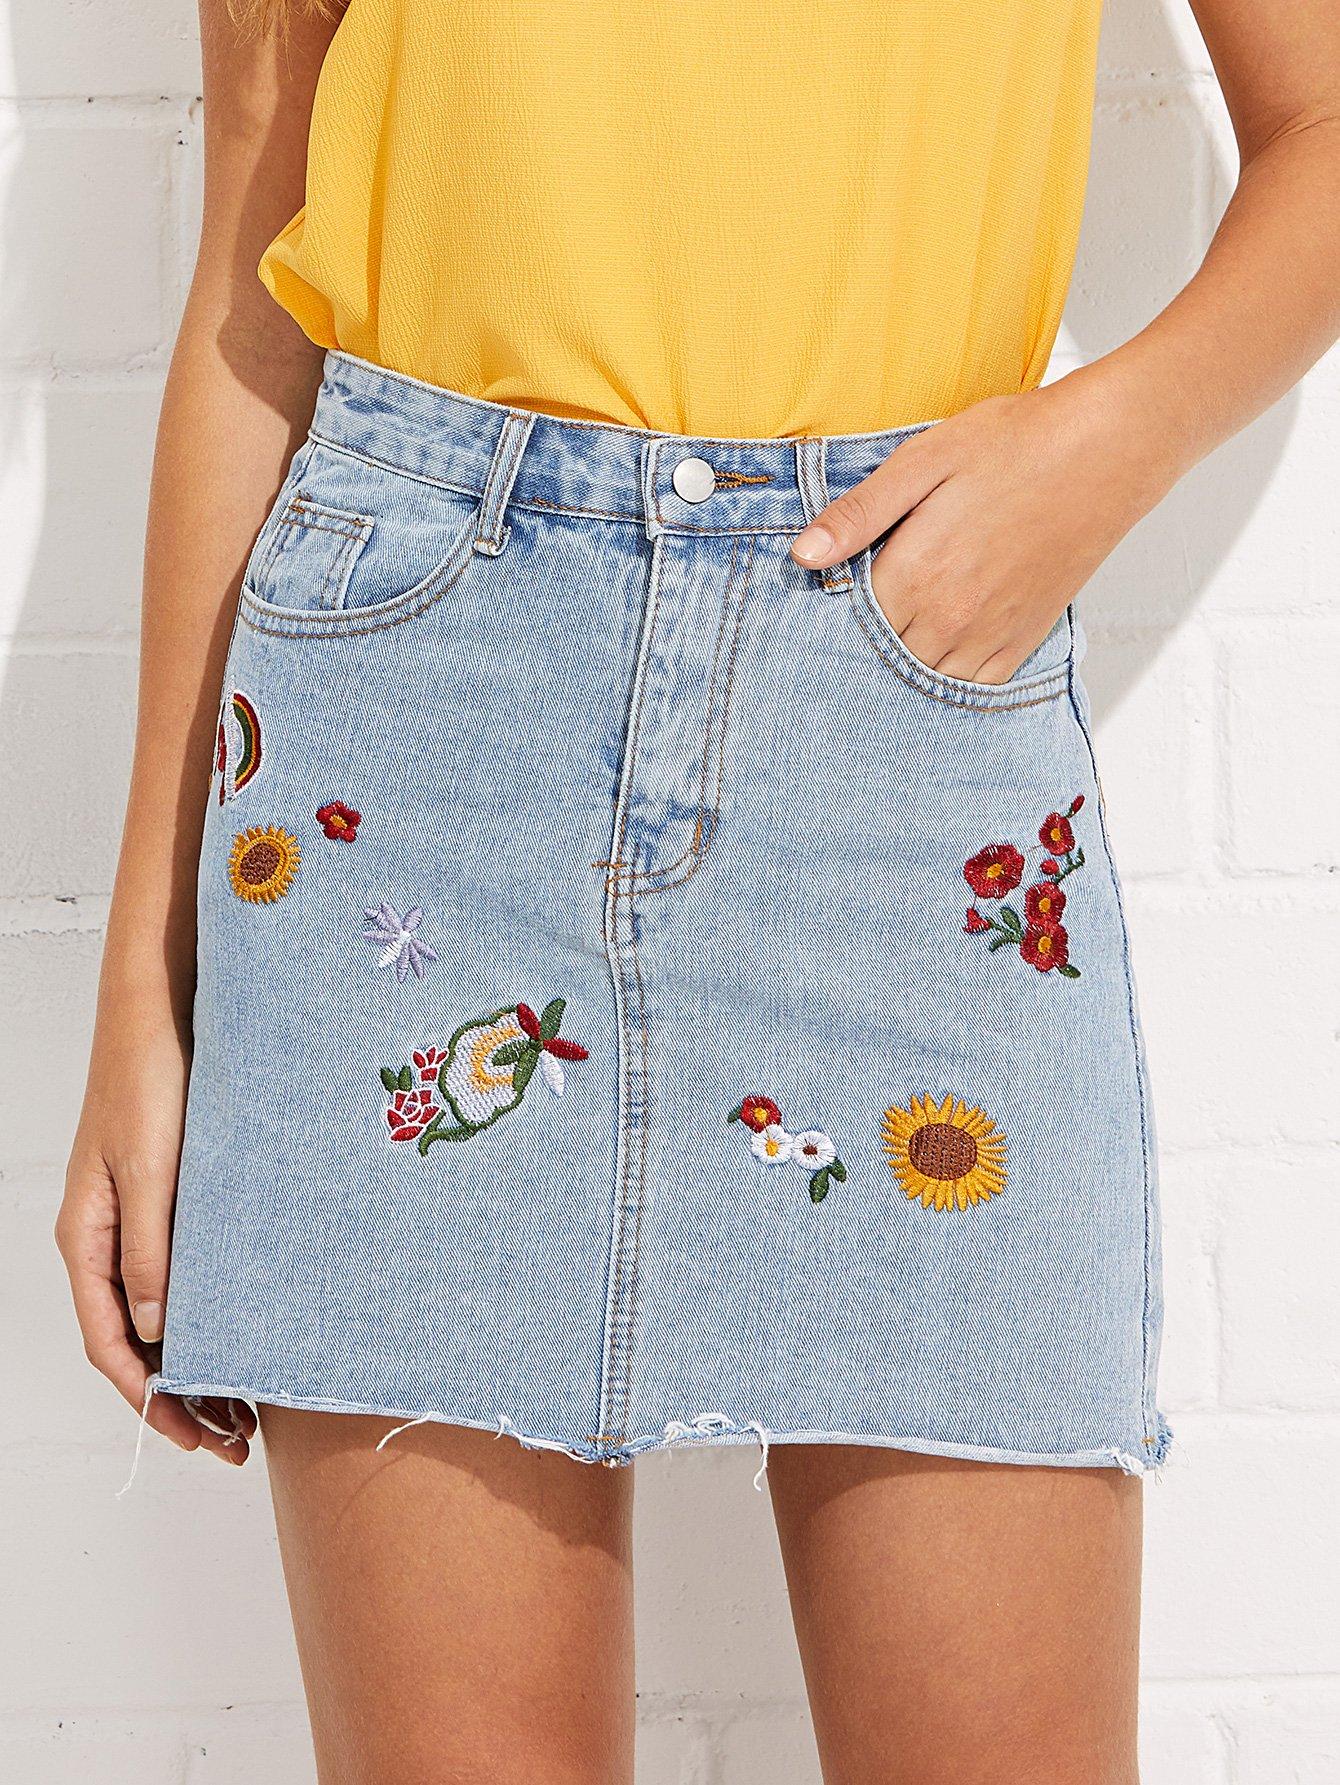 Flower Embroidered Denim Skirt